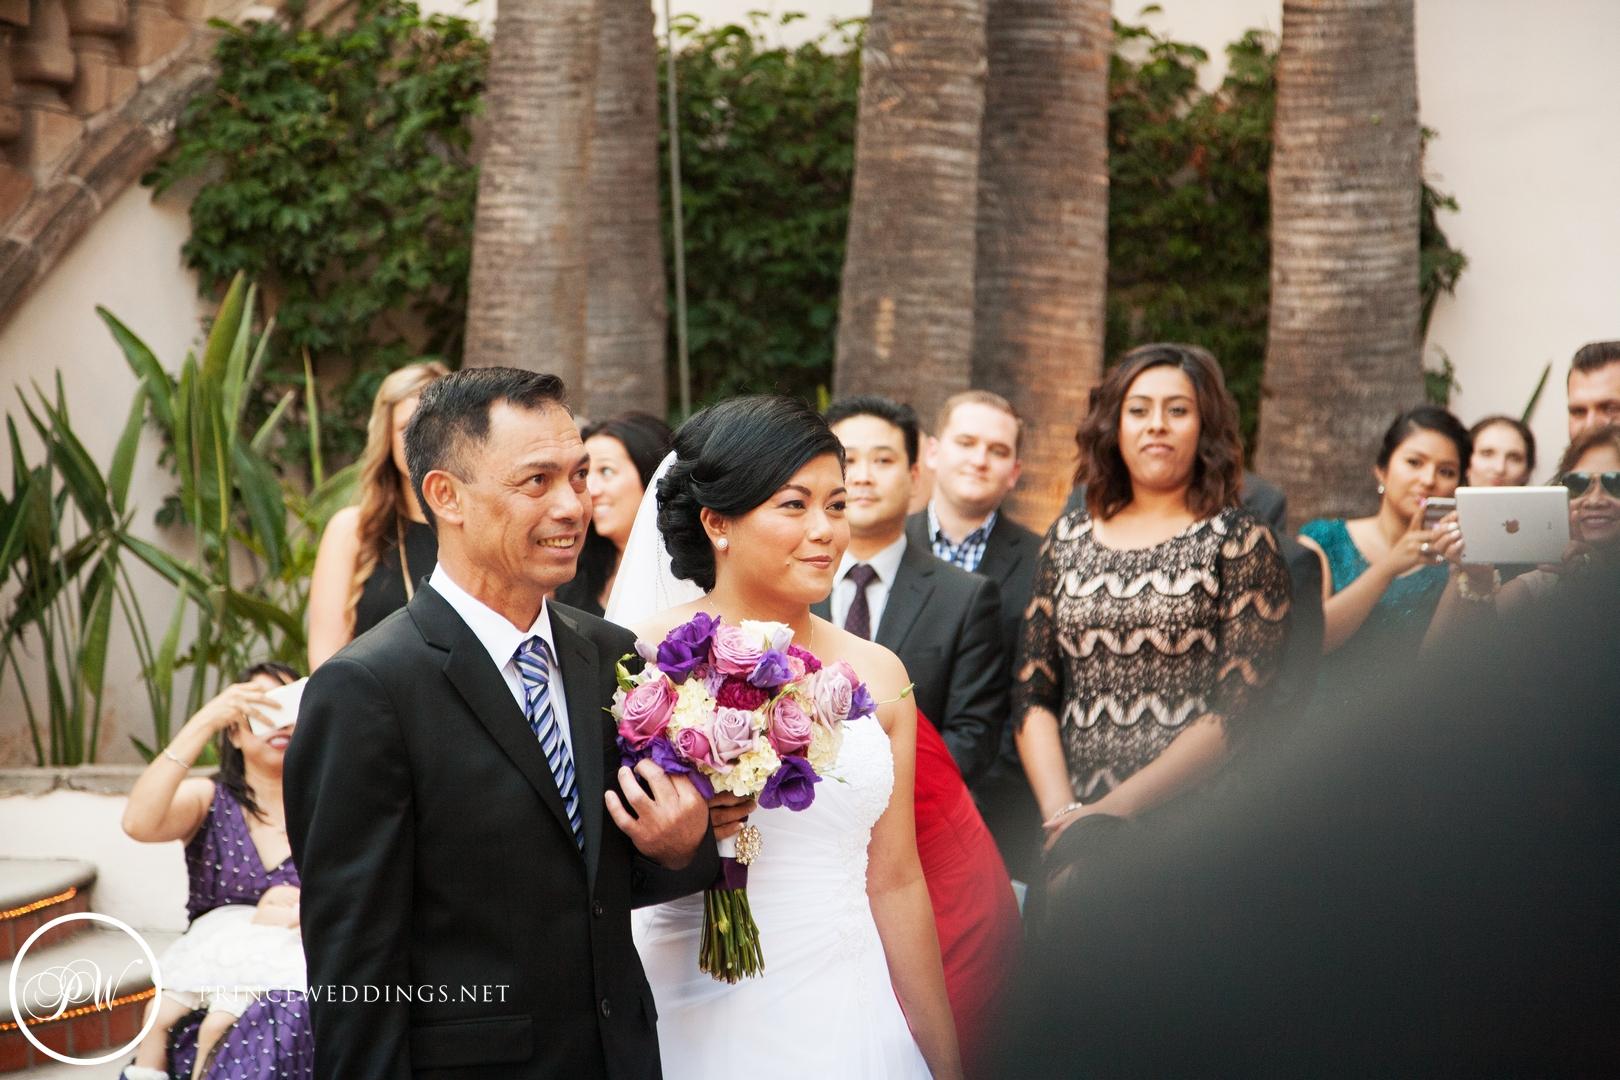 TurnipRose_Wedding_Photography_James+Luisa58.jpg